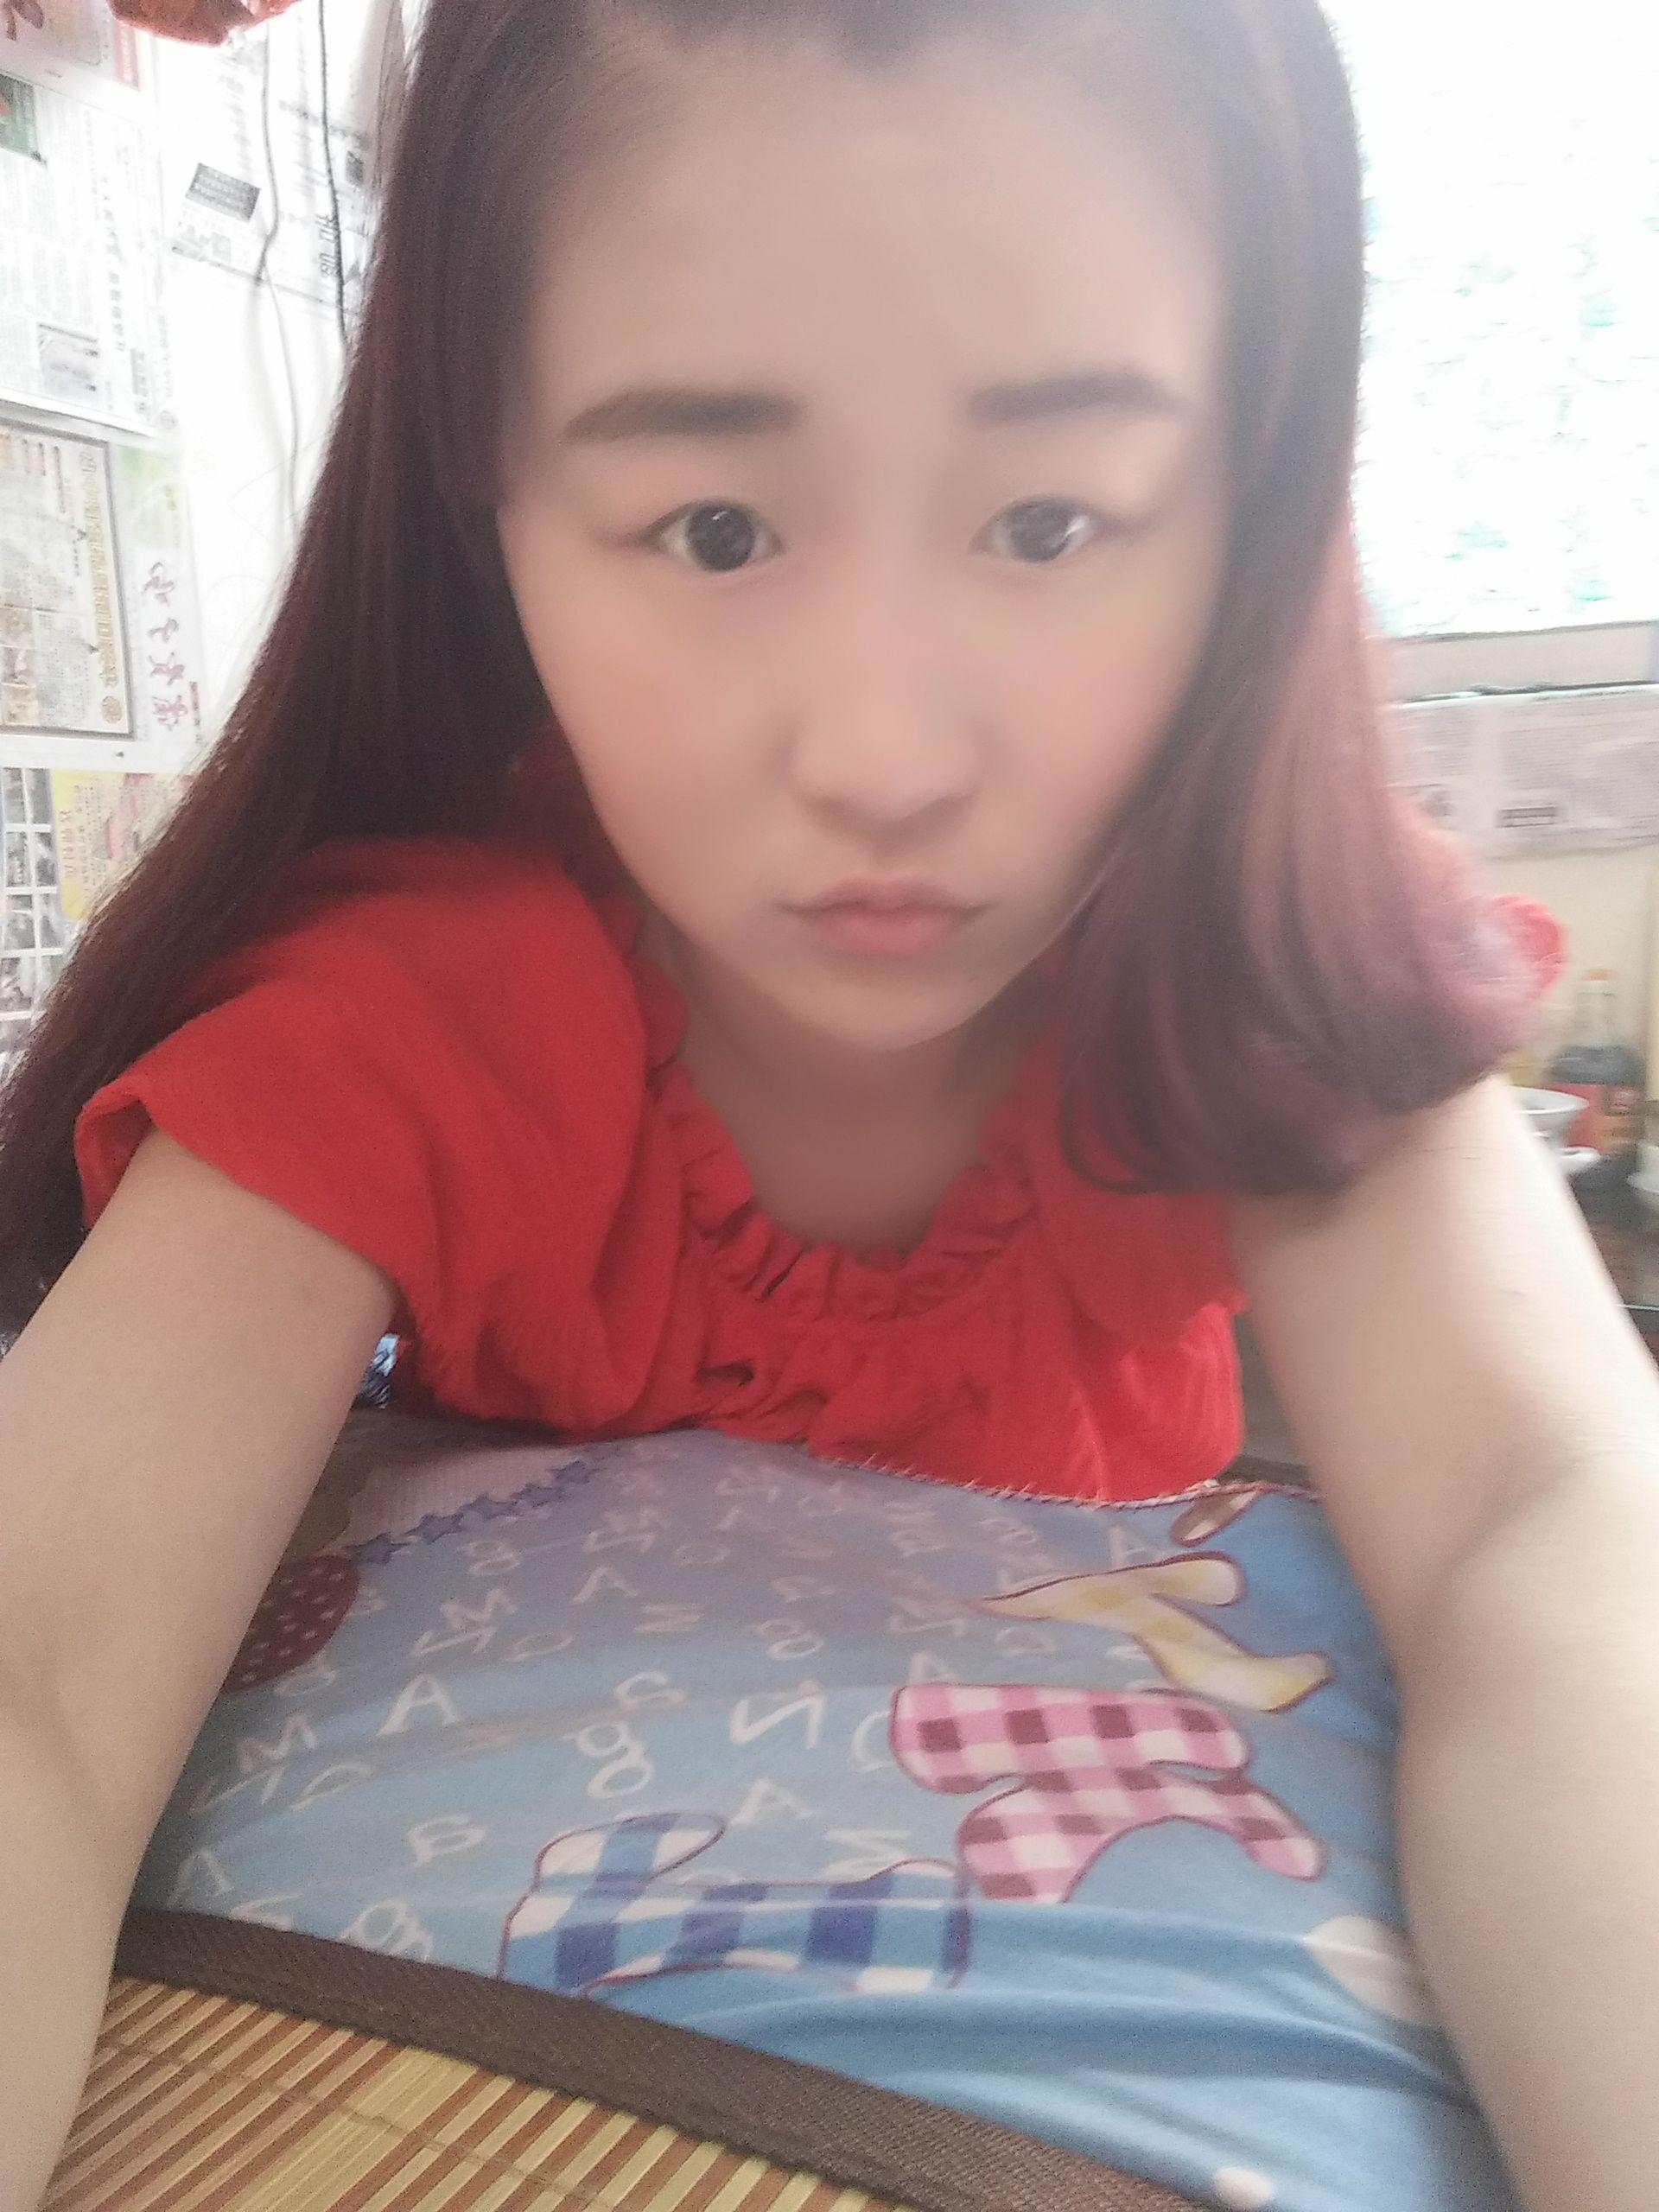 眉毛适合画什么颜色?我头发是红点带点紫,红色多点.很纠结啊!图片